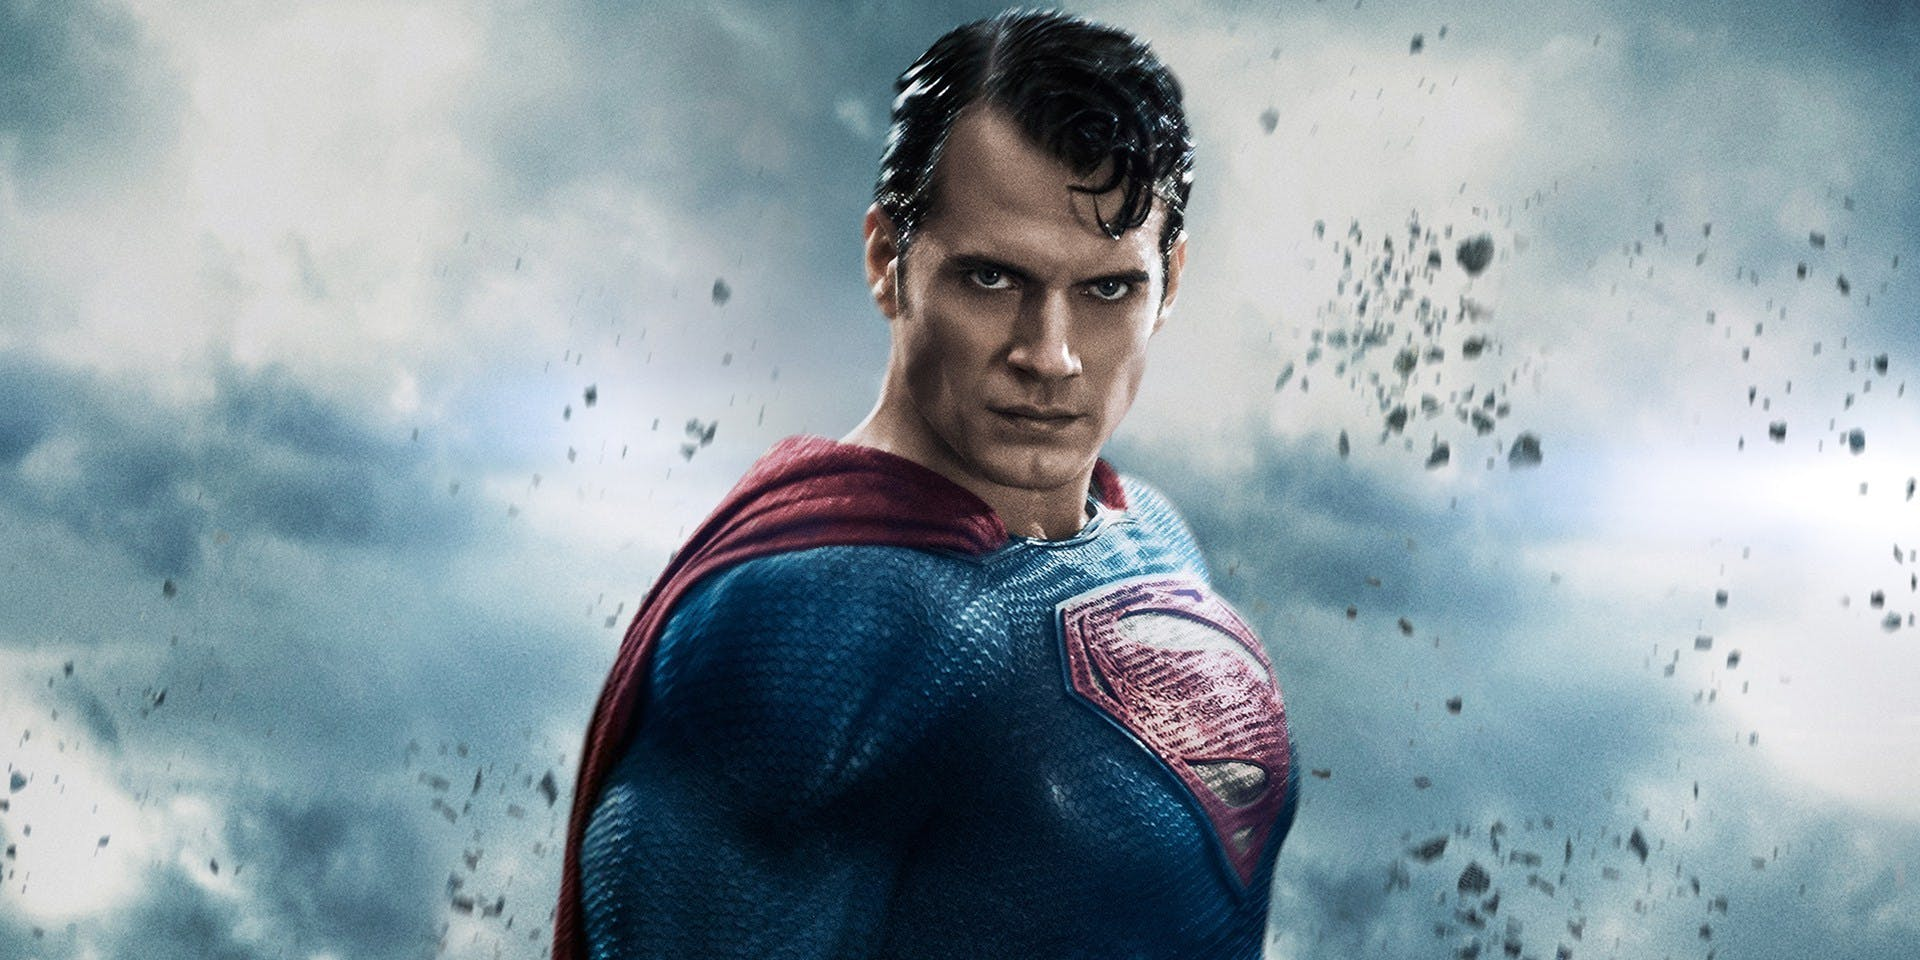 Le DCEU n'a jamais su rattraper le MCU selon le scénariste de Man of Steel